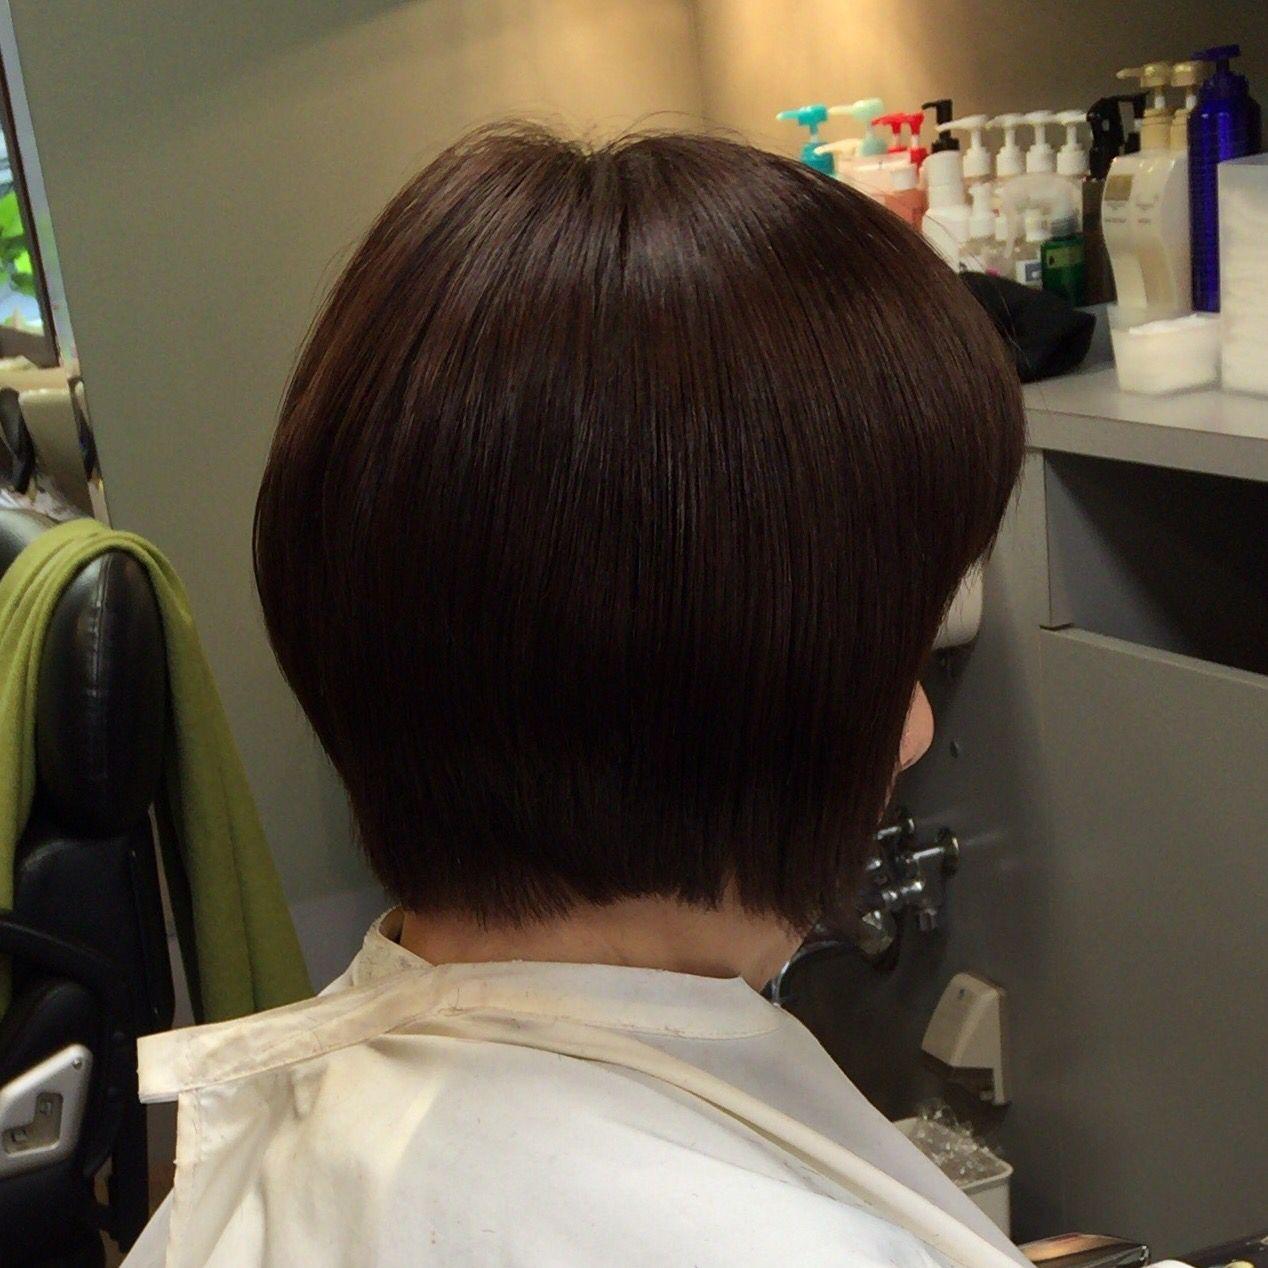 ボブ くせ毛を縮毛矯正 少しの白髪や 癖毛などで ヘア